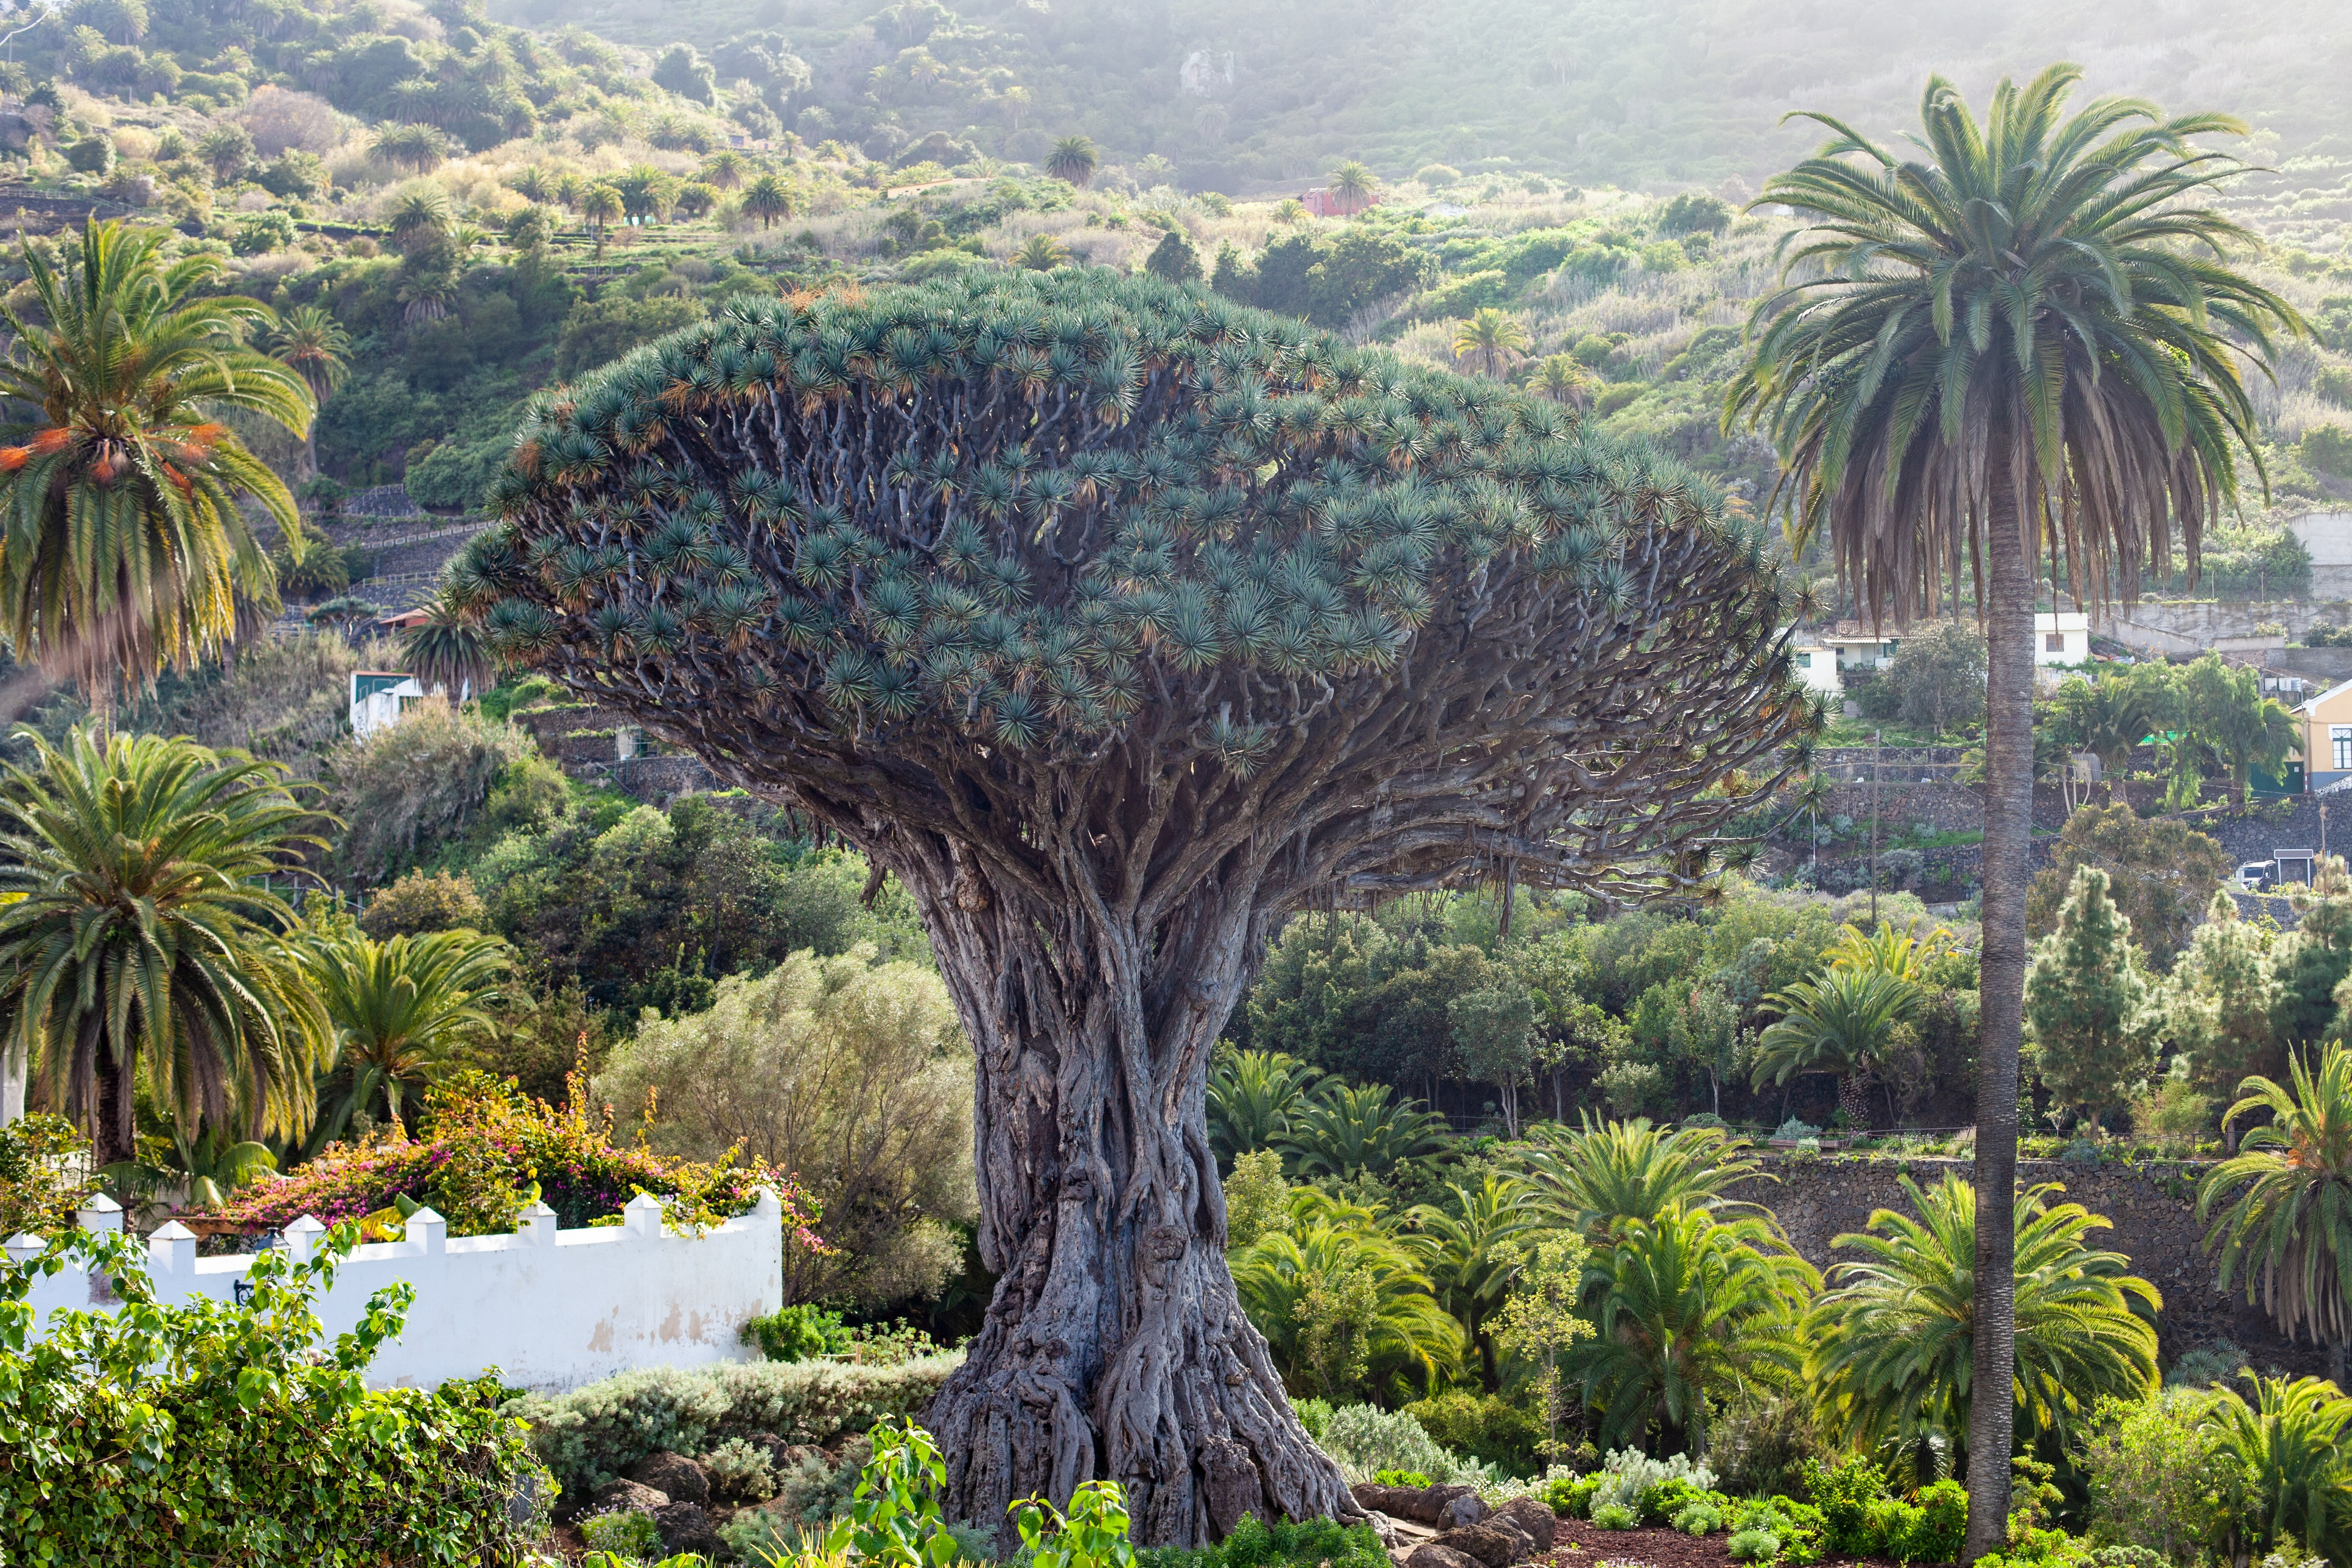 Drago Milenario en Tenerife